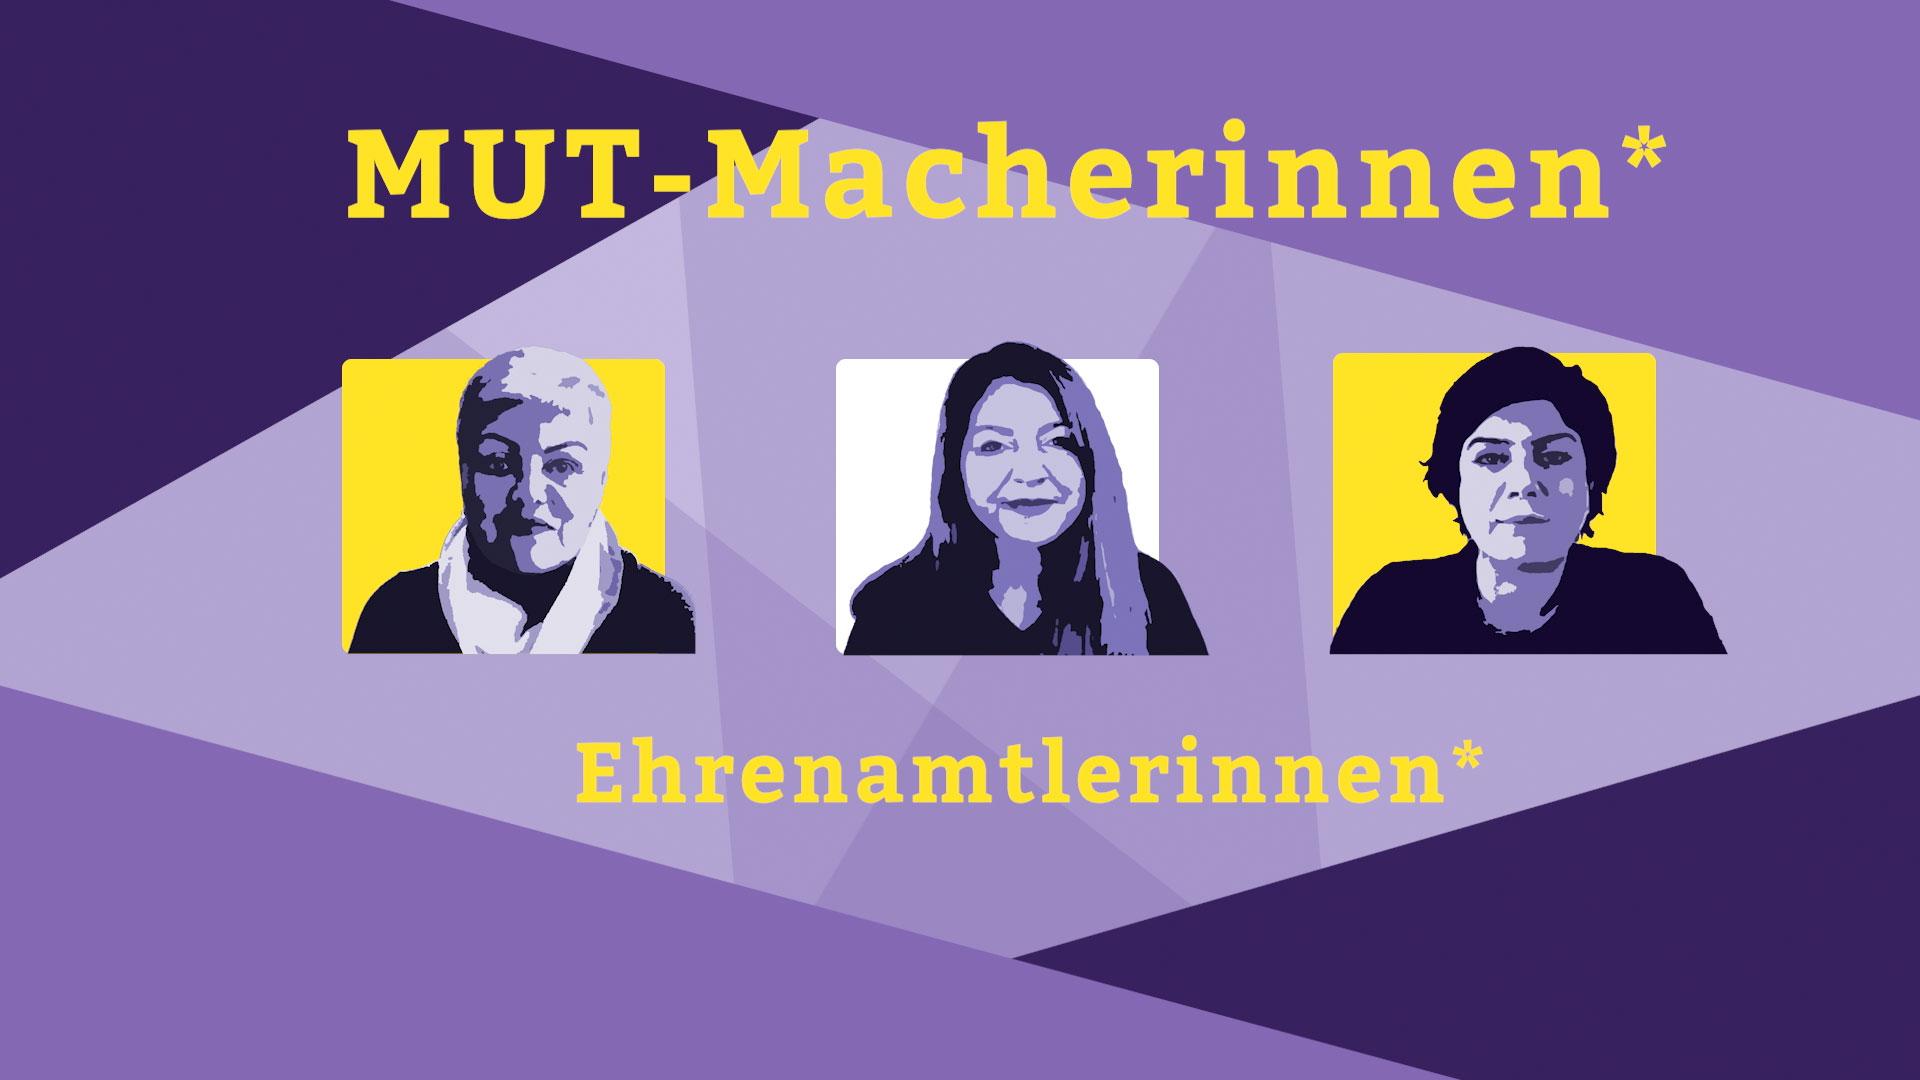 titelbild-mutmacher-innen-ehrenamtler-innen